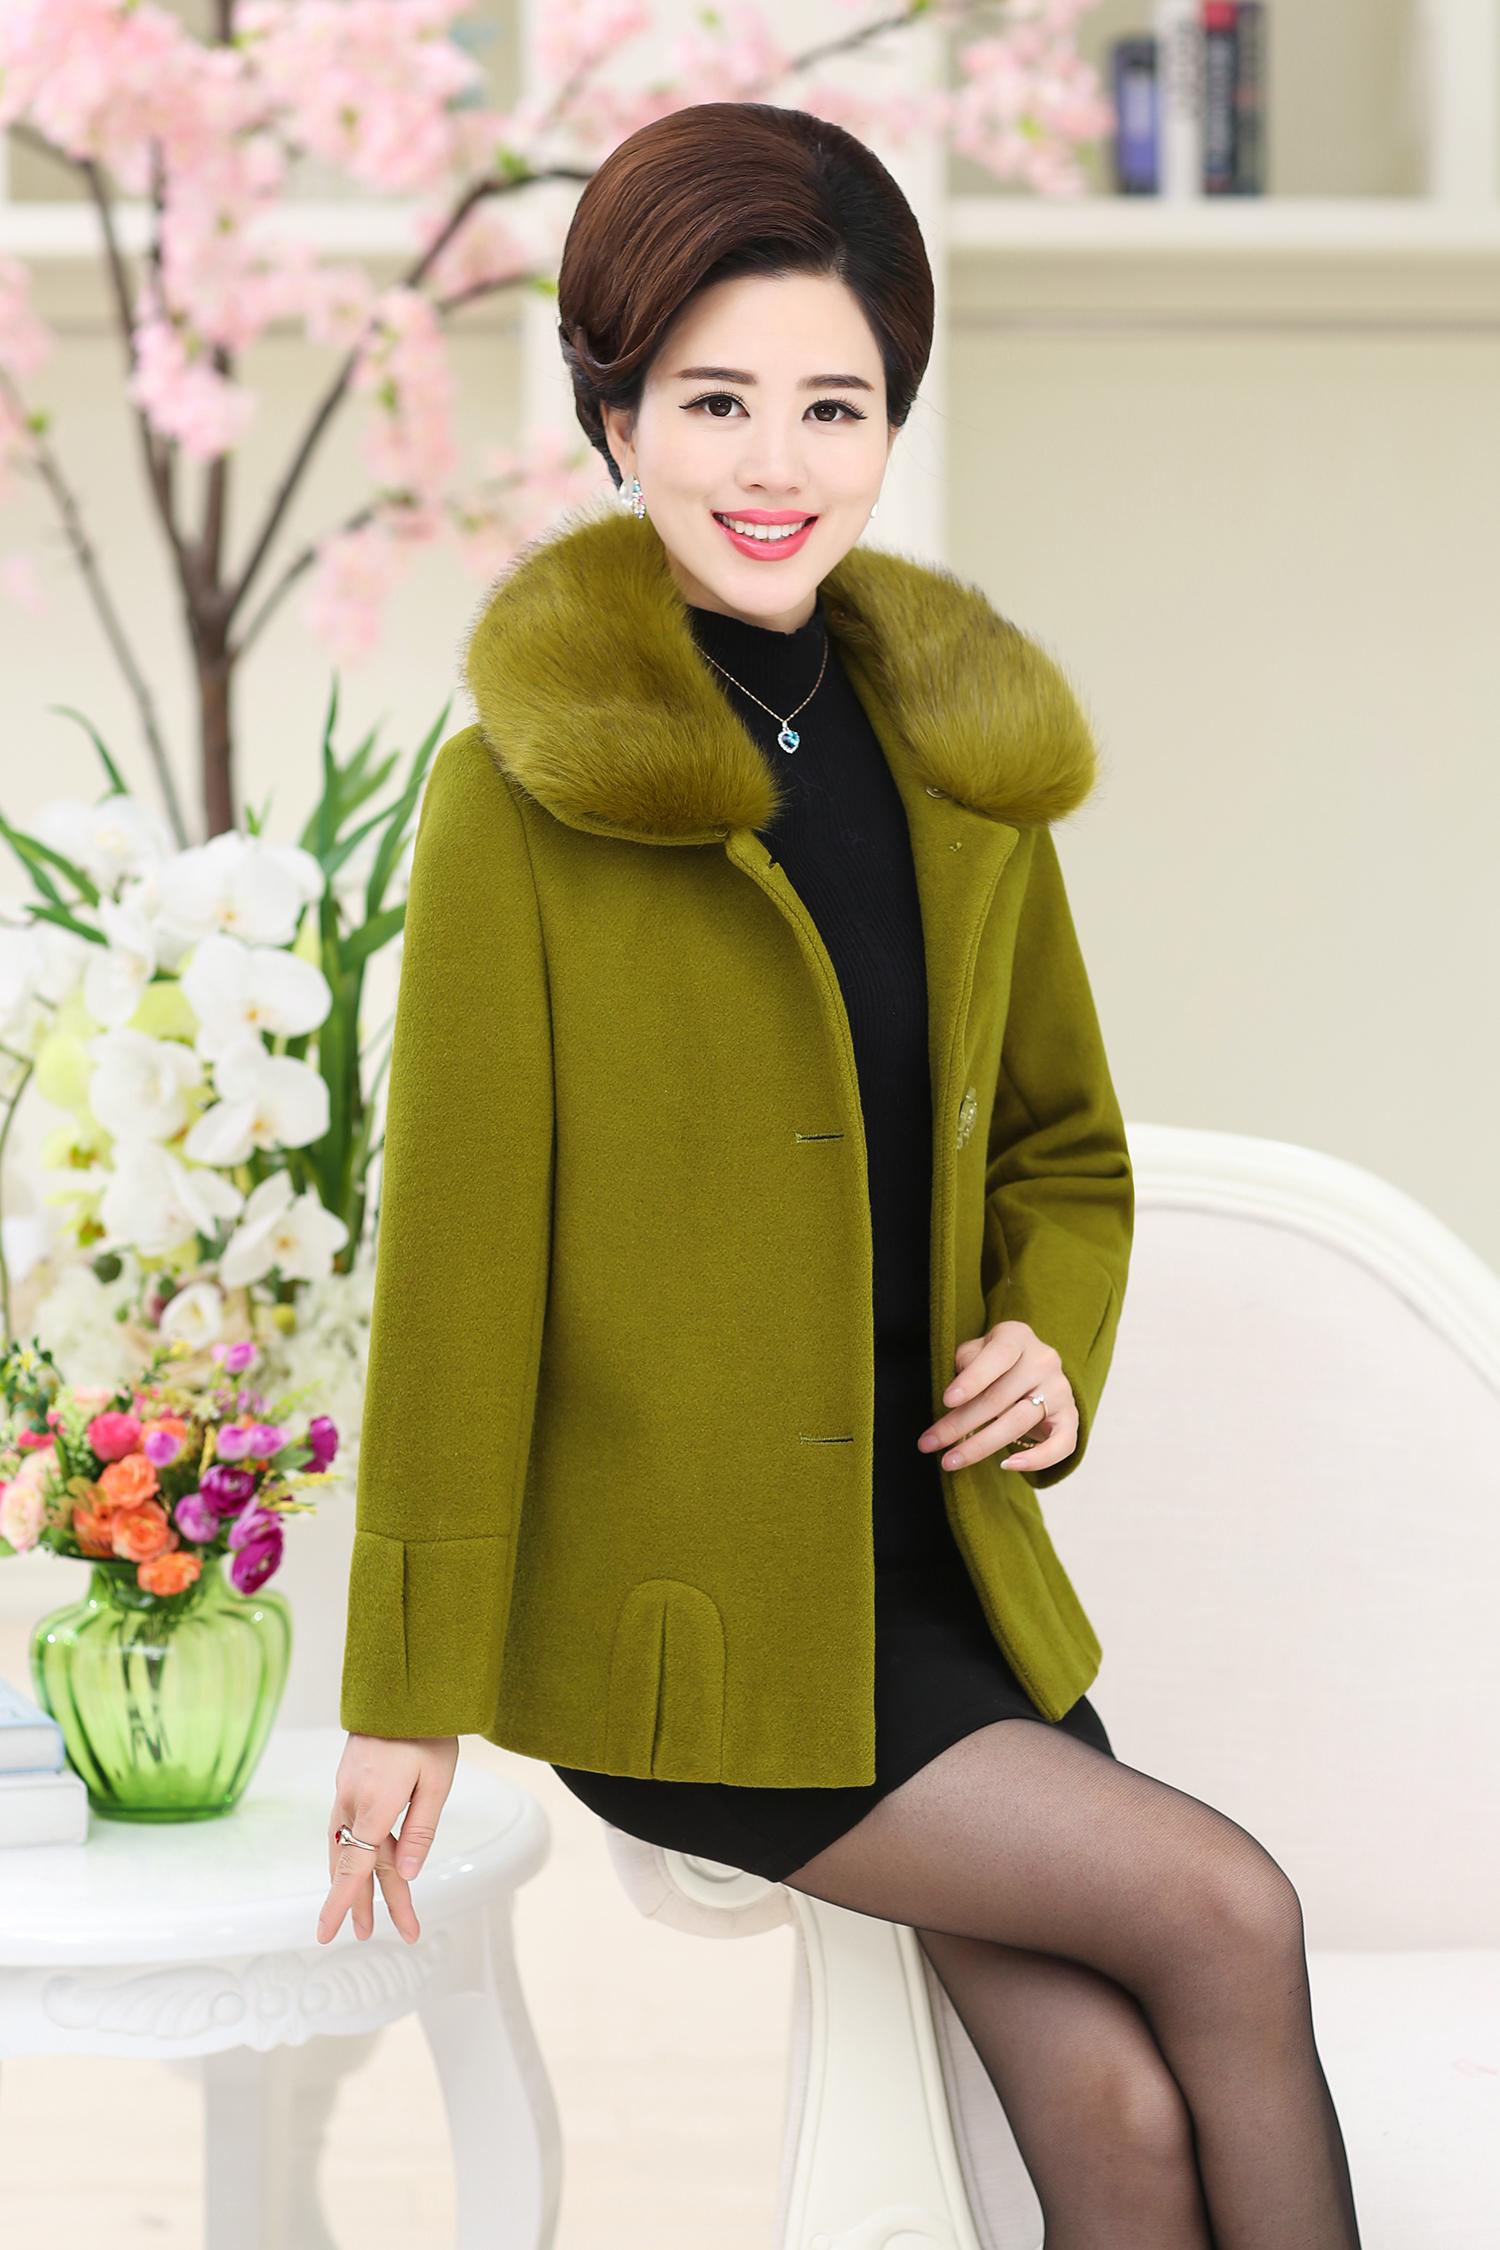 中年中老年人女装短款羊毛呢外套妈妈装秋装大衣女上衣 大衣外套